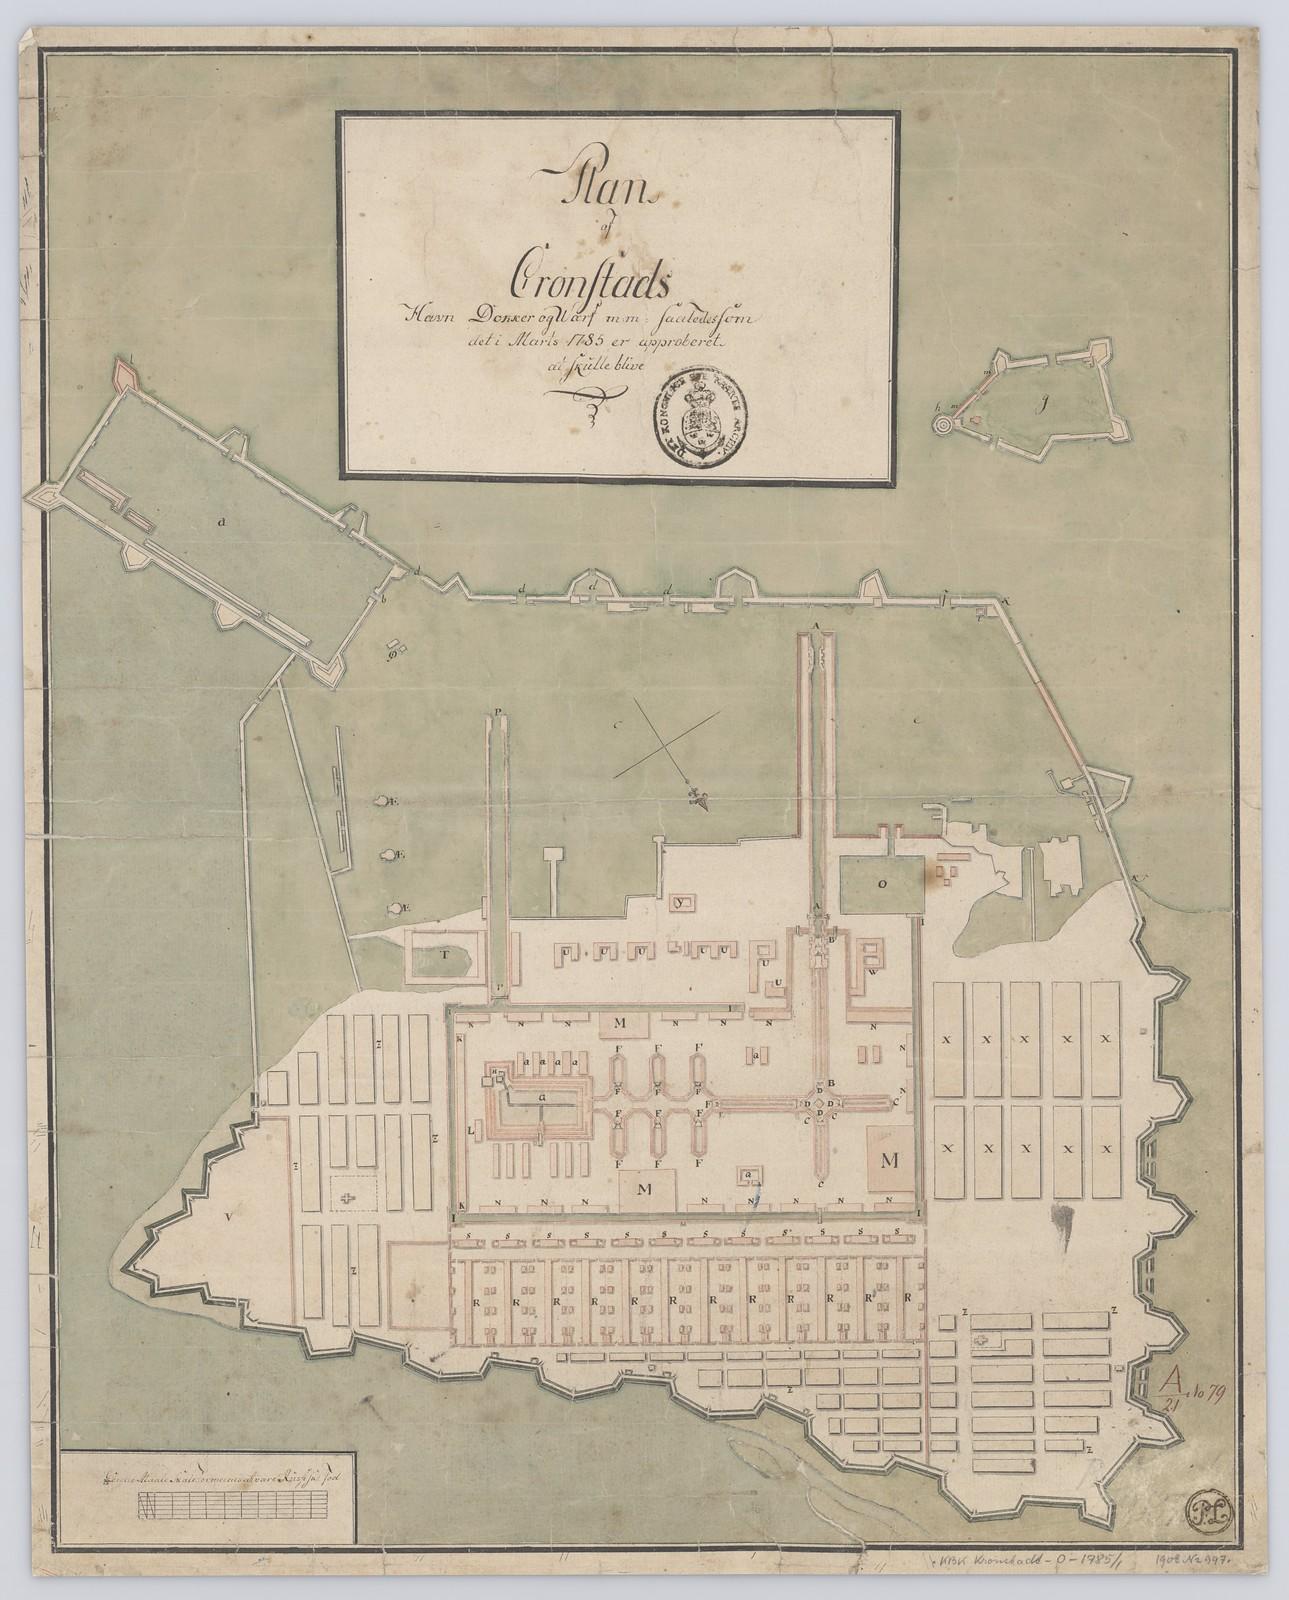 1785. План Кронштадтской гавани, доков, верфий и т. д., как это было утверждено в марте